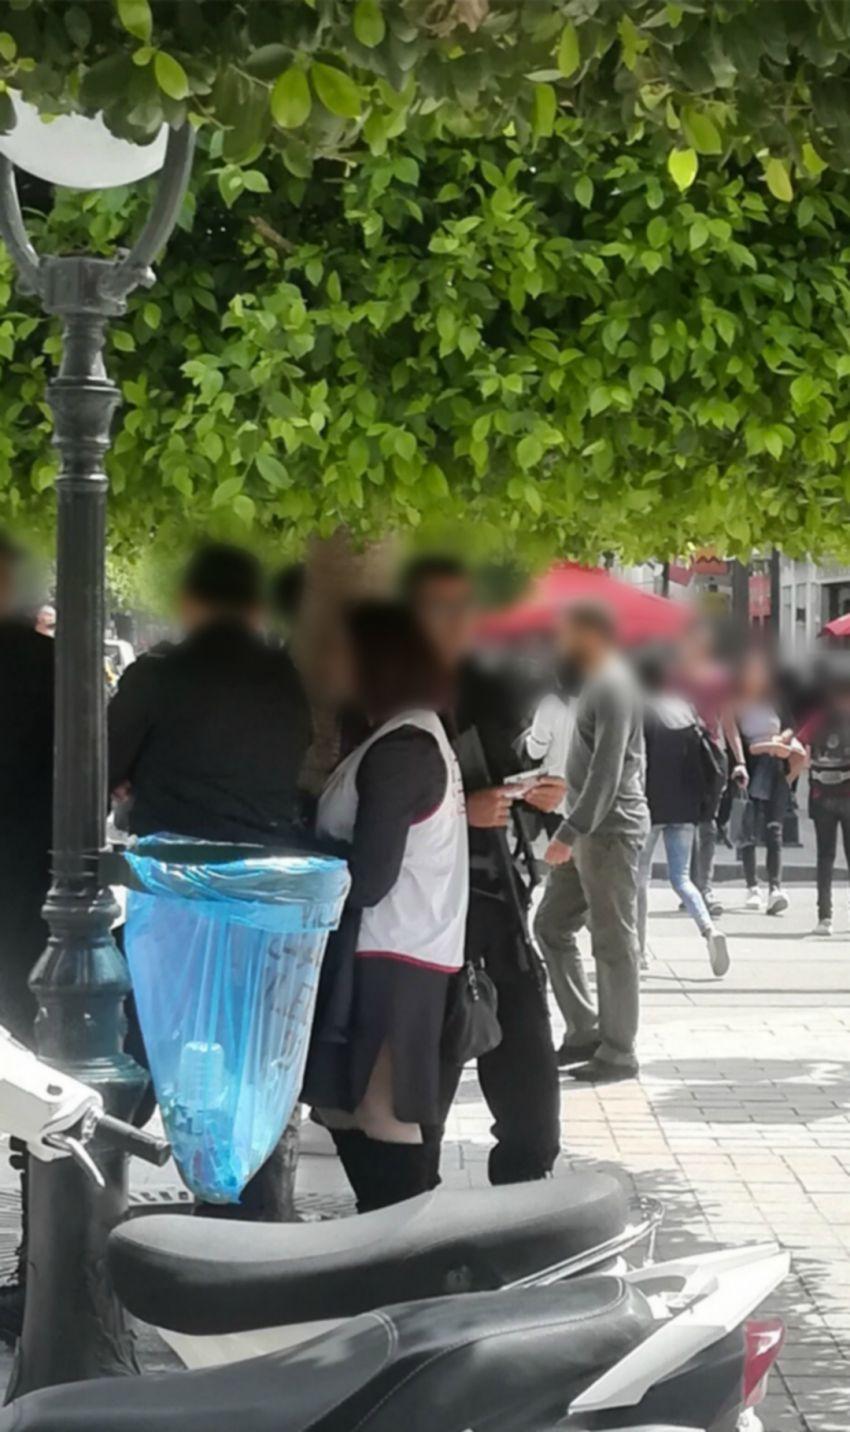 الصورة من زاوية أقرب حيث نرى الأمني يحمل مطوية للحملة الانتخابية